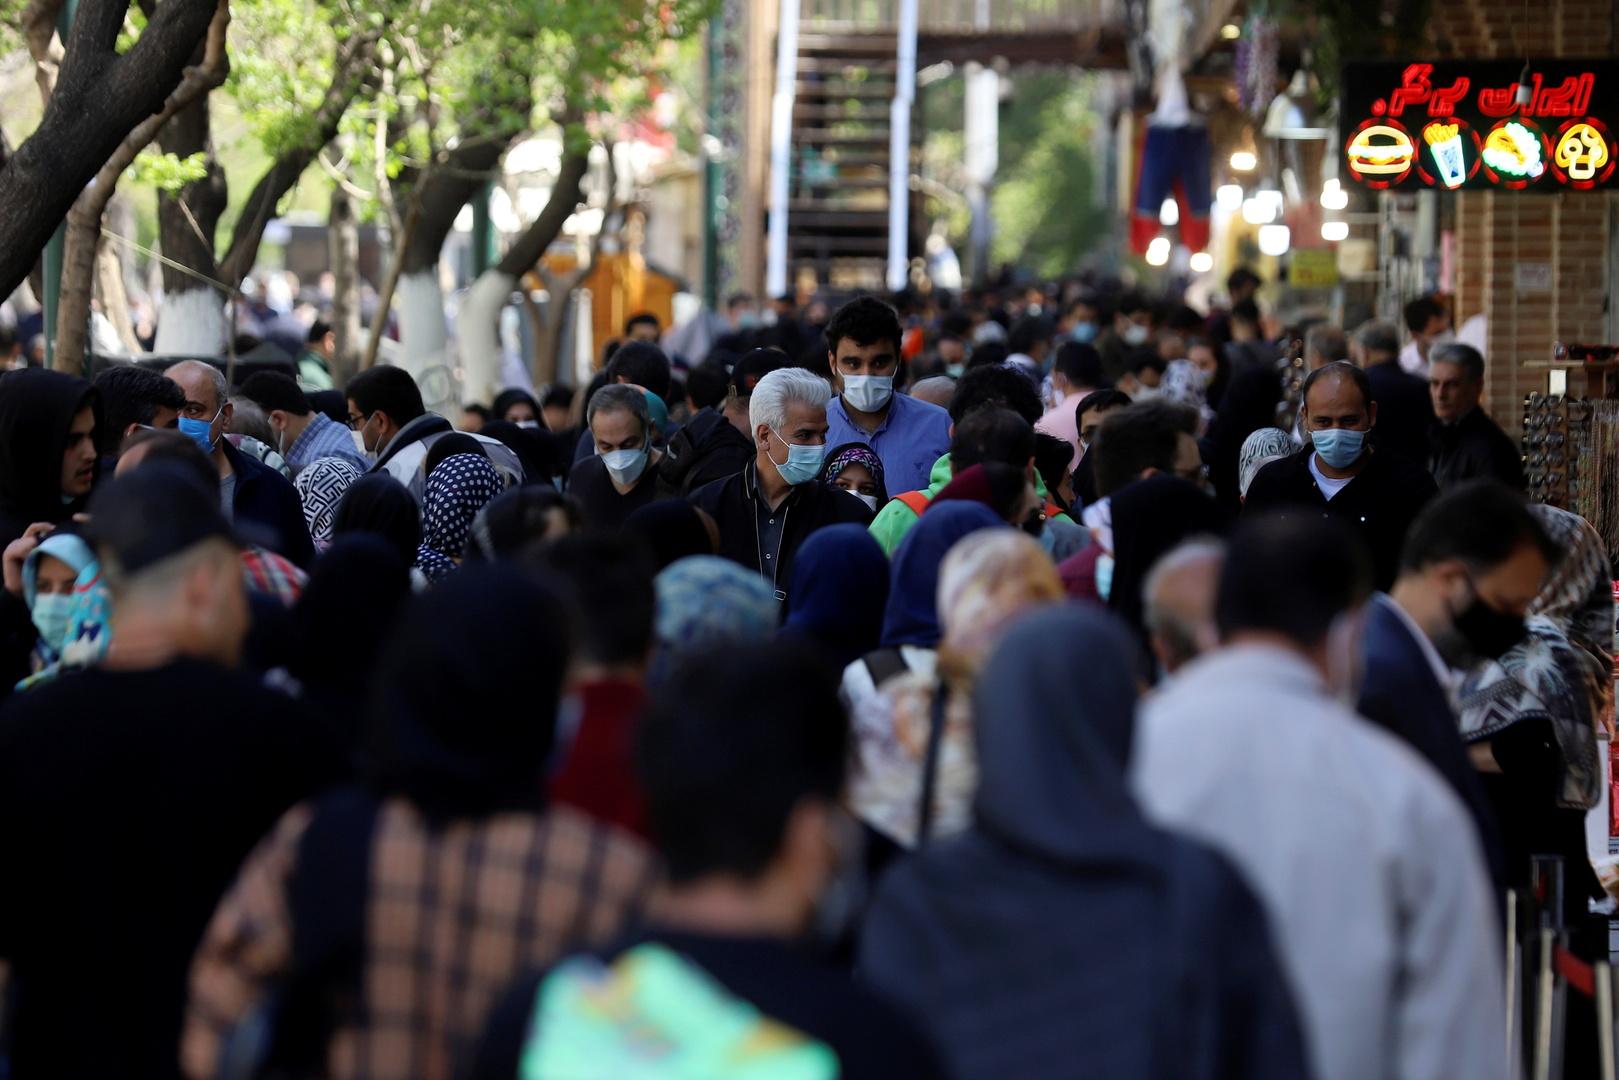 إيران تعلن عن بدء الموجة الرابعة من جائحة كورونا